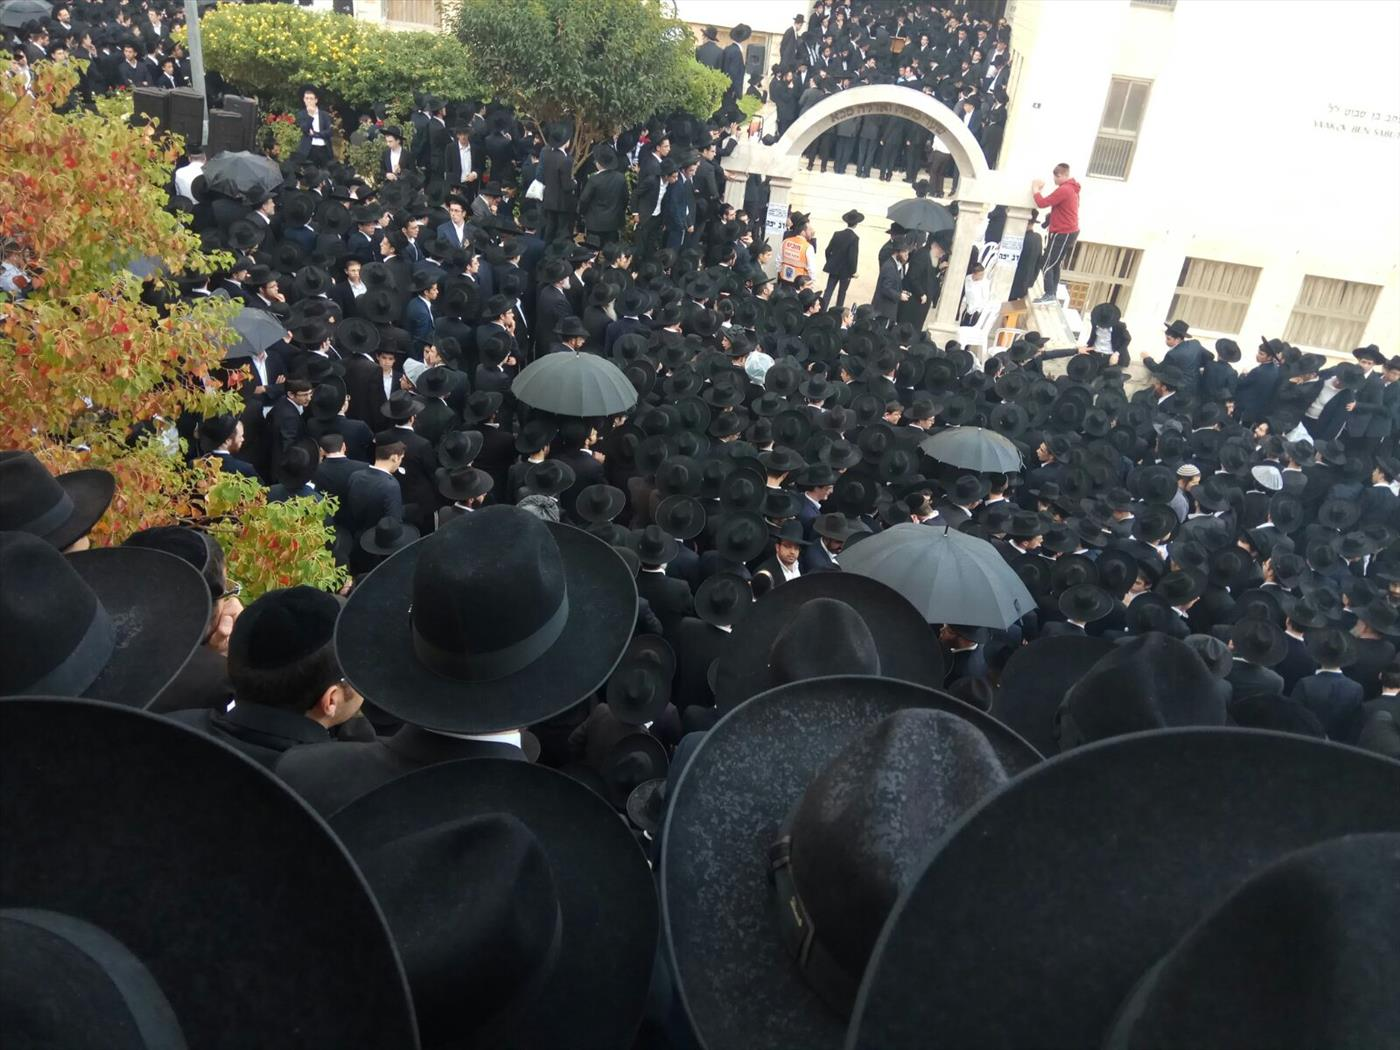 המונים בלוויה. (איציק מני, חדשות 24)